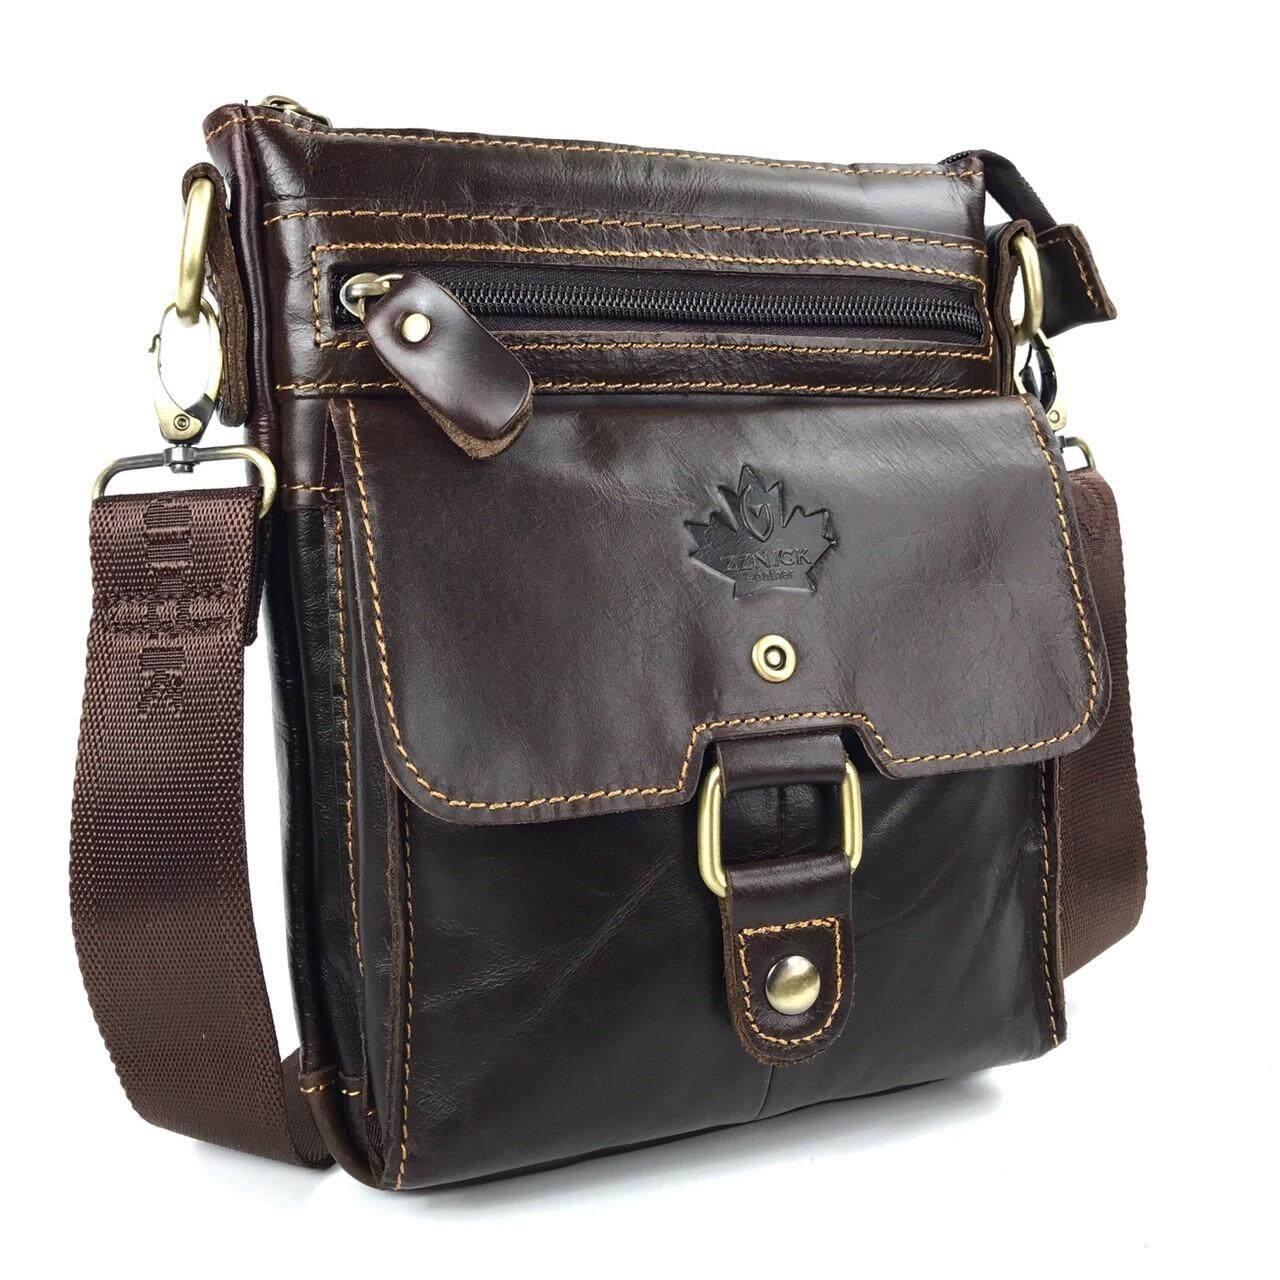 ราคา Chinatown Leather กระเป๋าสะพายหนังวัวแท้ สะพายแนบตัว สีน้ำตาลเข้ม Chinatown Leather กรุงเทพมหานคร